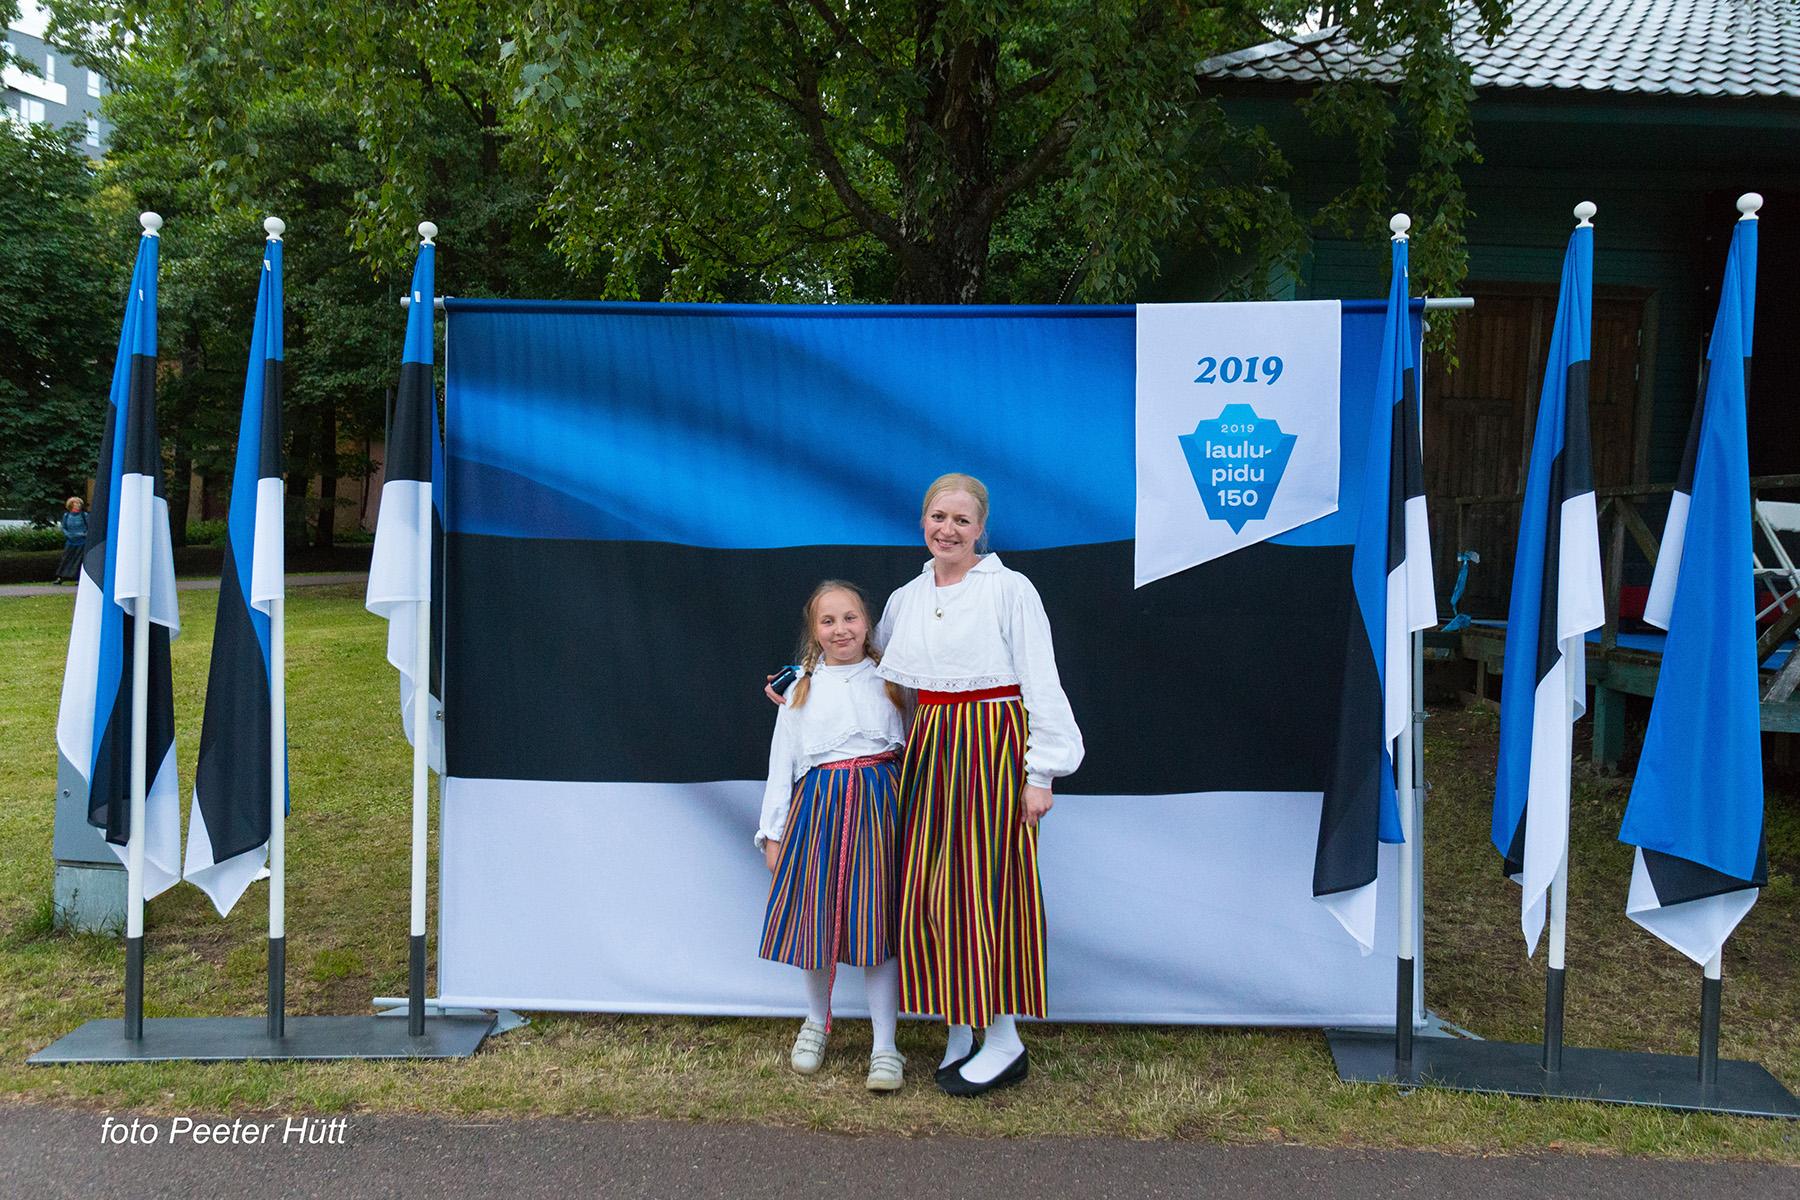 Lauluväljakule saabujad võisid ennast lipu seltsi stendi taustal pildistada. Foto Peeter Hütt